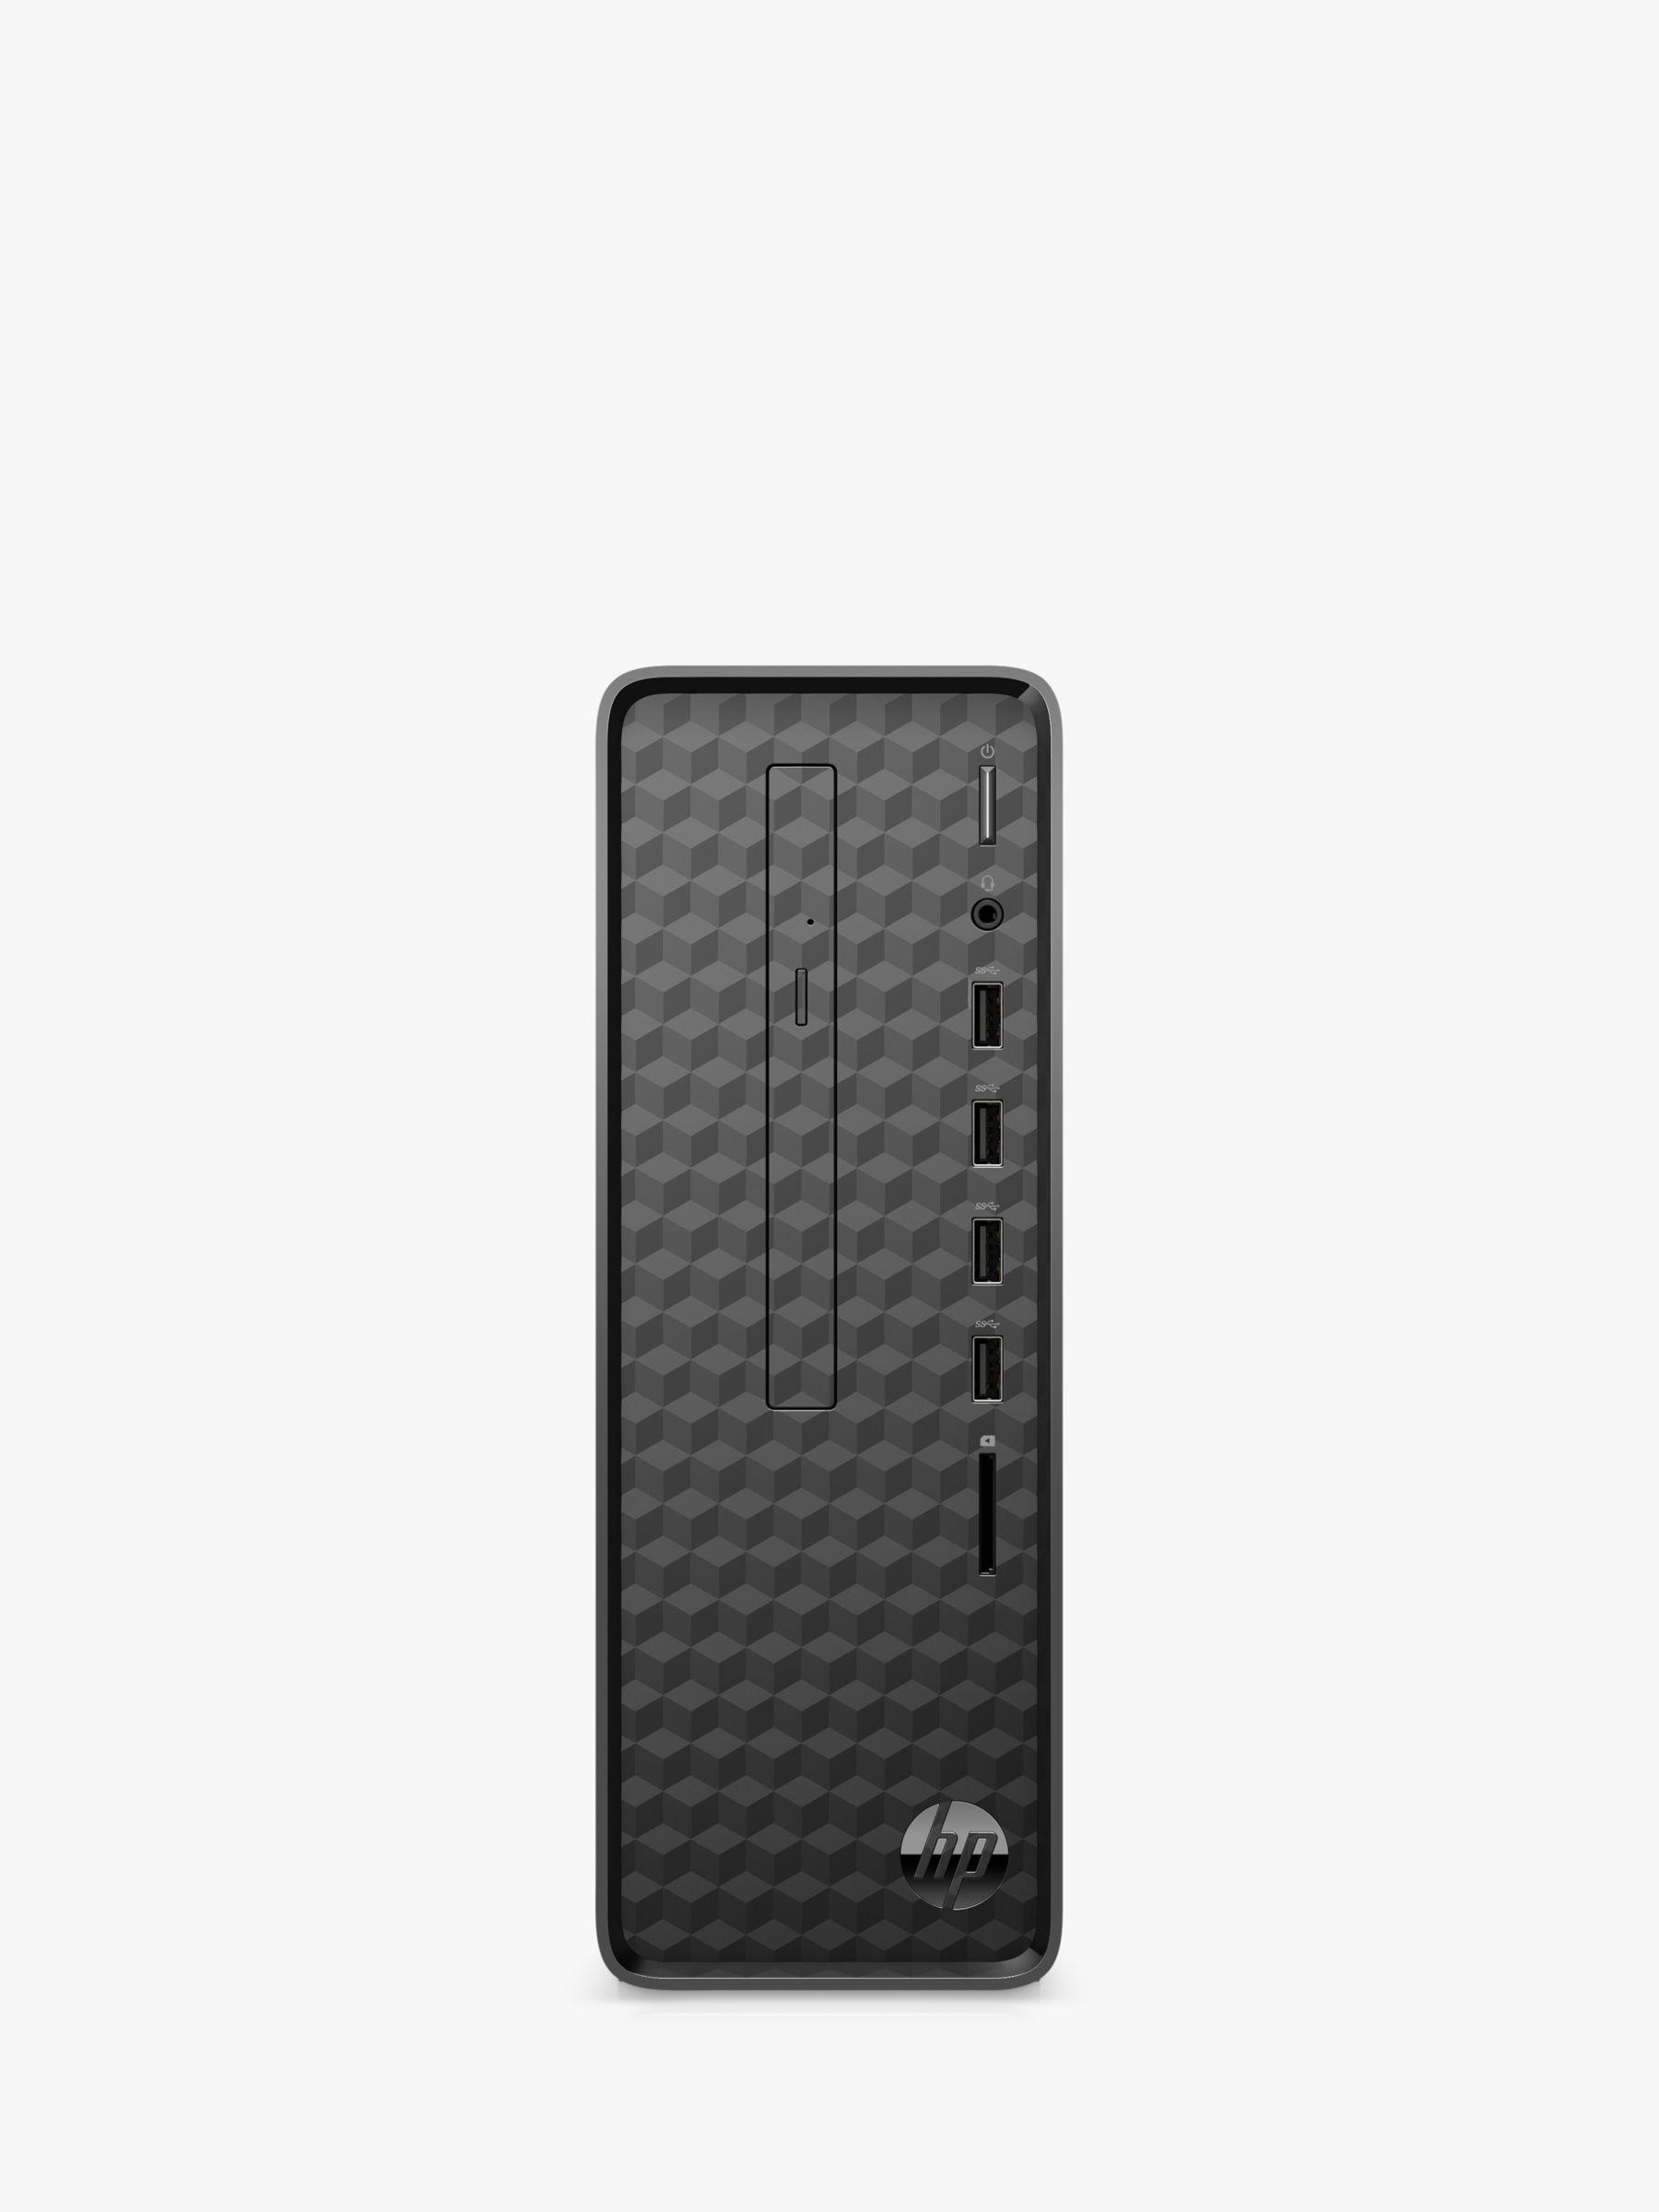 HP Slim S01-aF1004na Desktop PC, Intel Pentium Processor, 8GB RAM, 1TB HDD